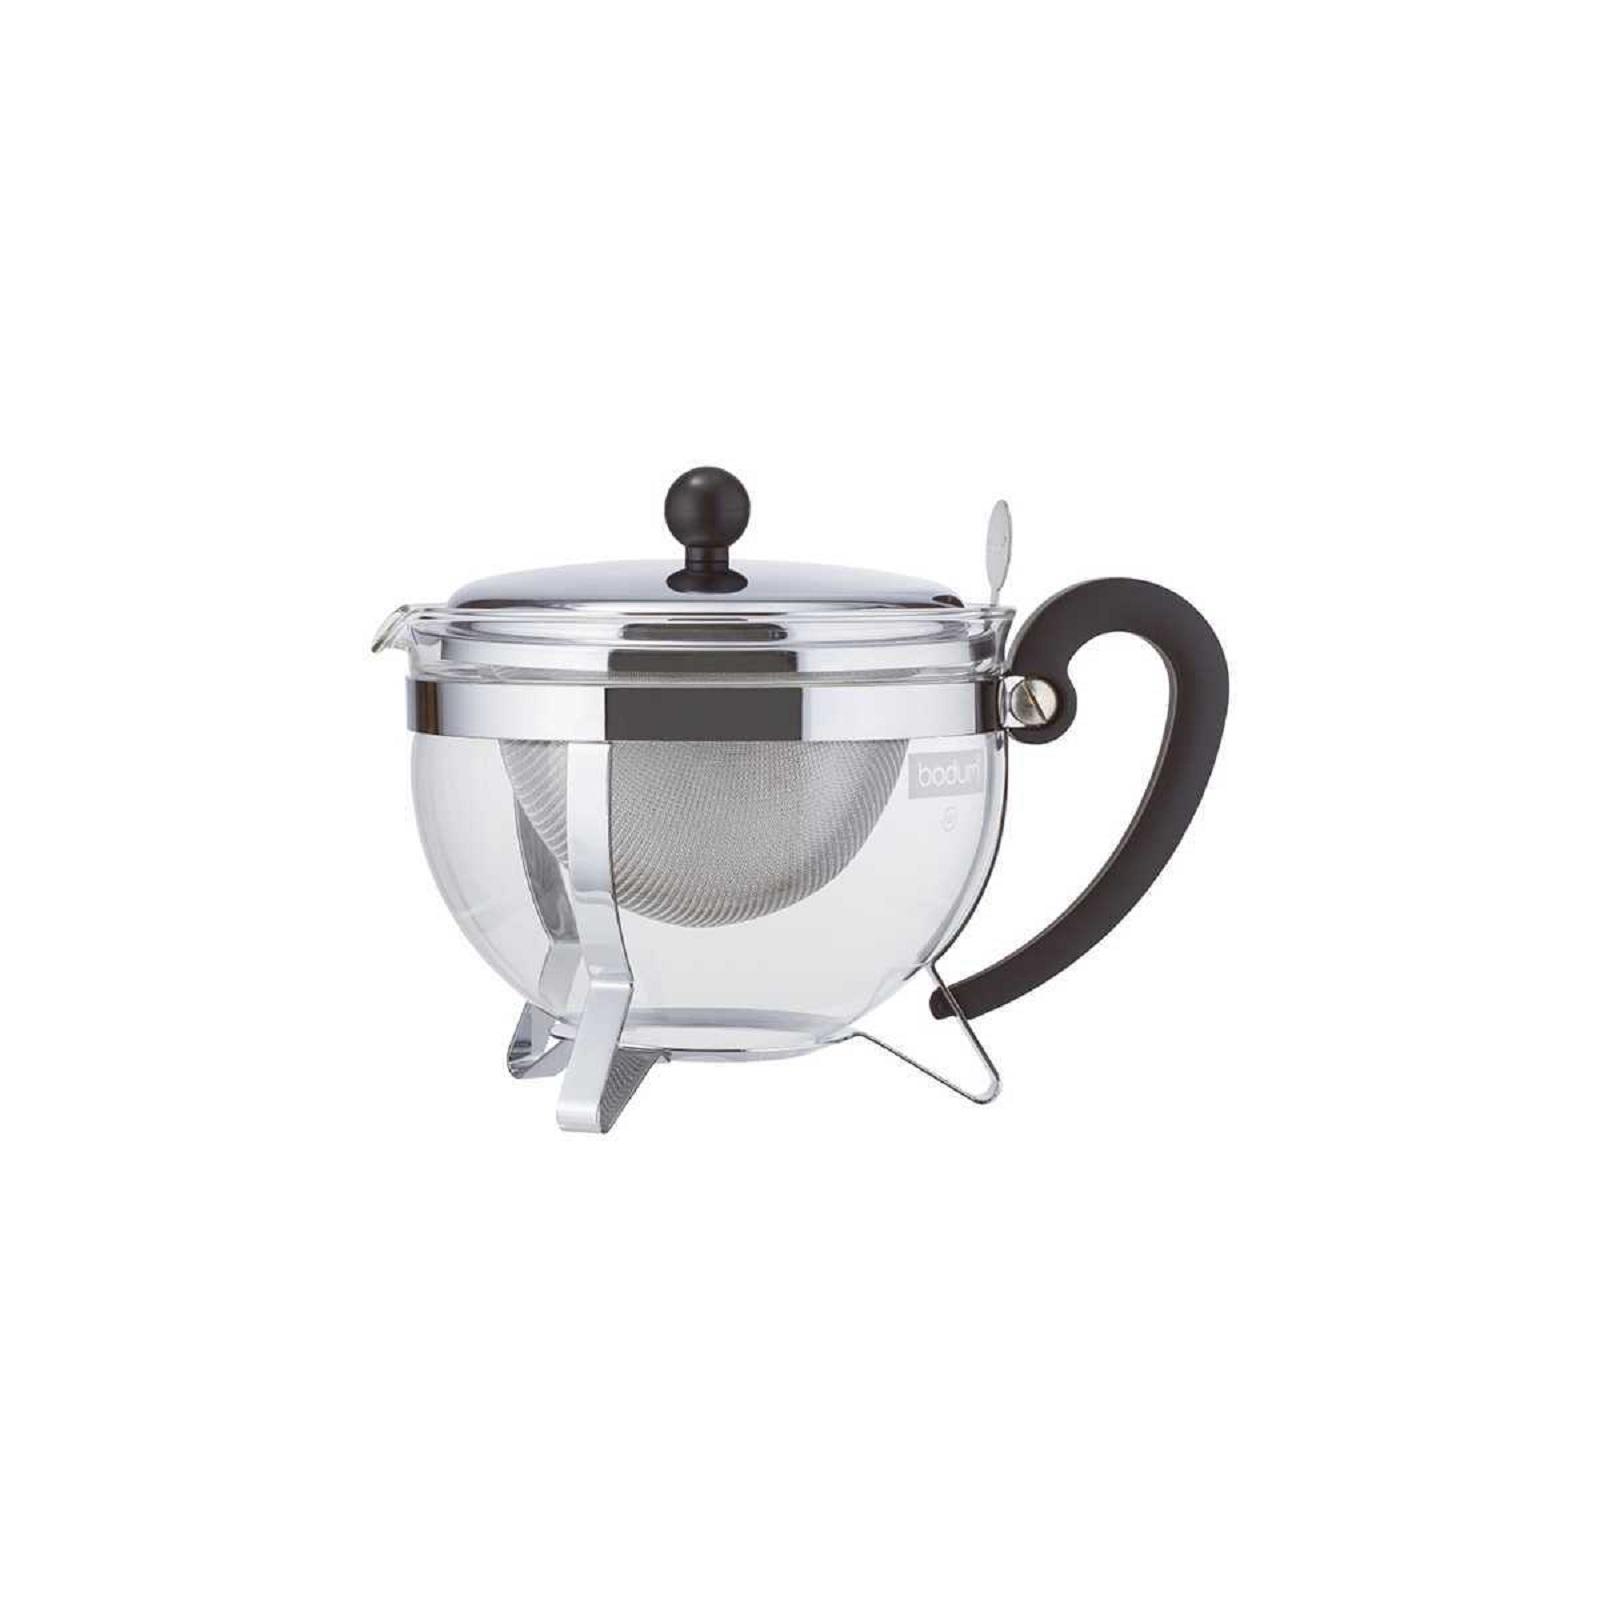 Онлайн каталог PROMENU: Чайник заварочный с фильтром Bodum Chambord, объем 1,3 л, прозрачный с серебристым Bodum 1921-16-6